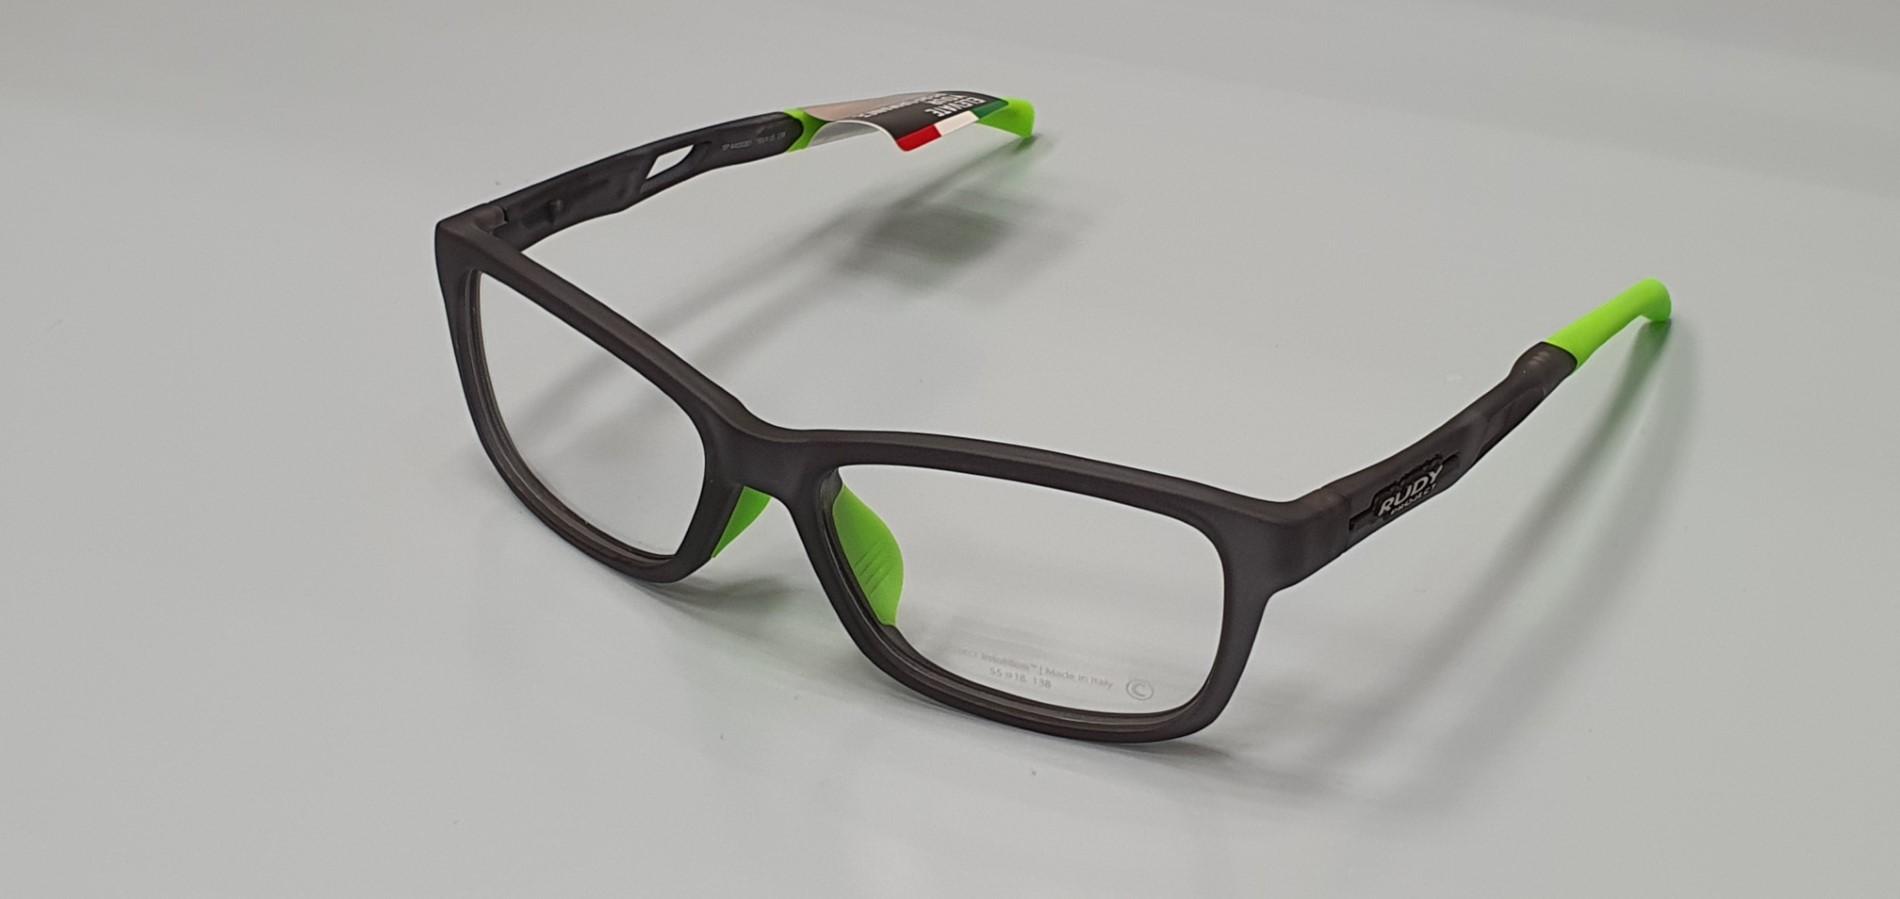 okulary dla aktywnych z korekcją katowice